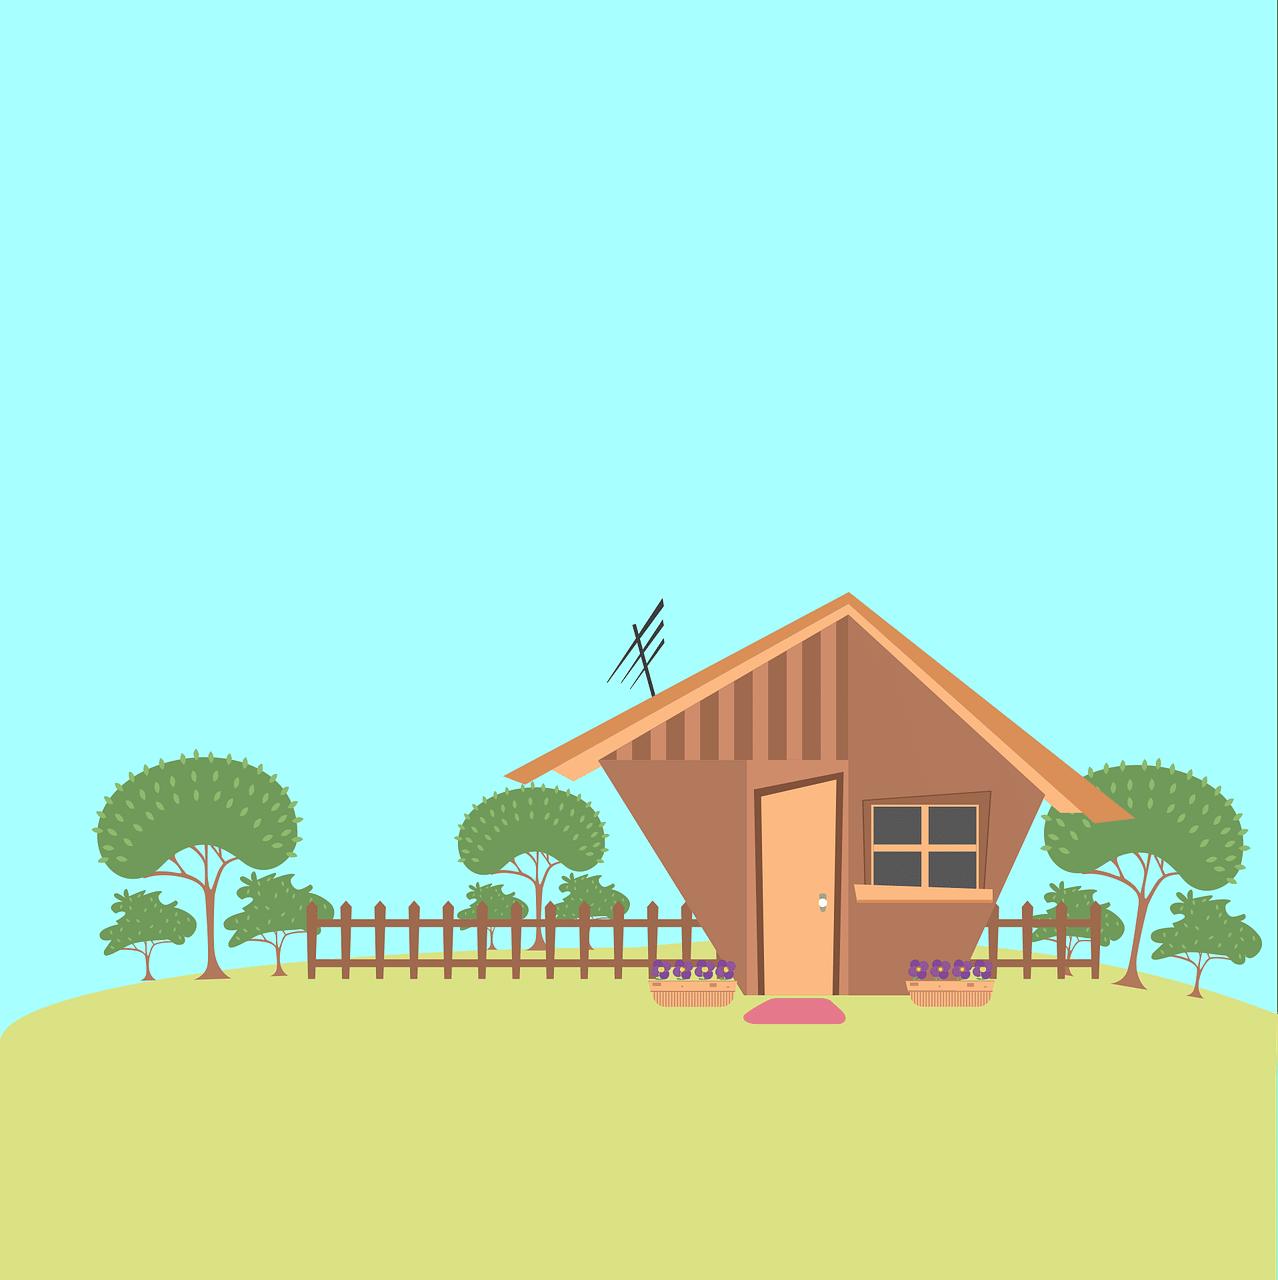 House Home Trees Garden Fence  - andremsantana / Pixabay